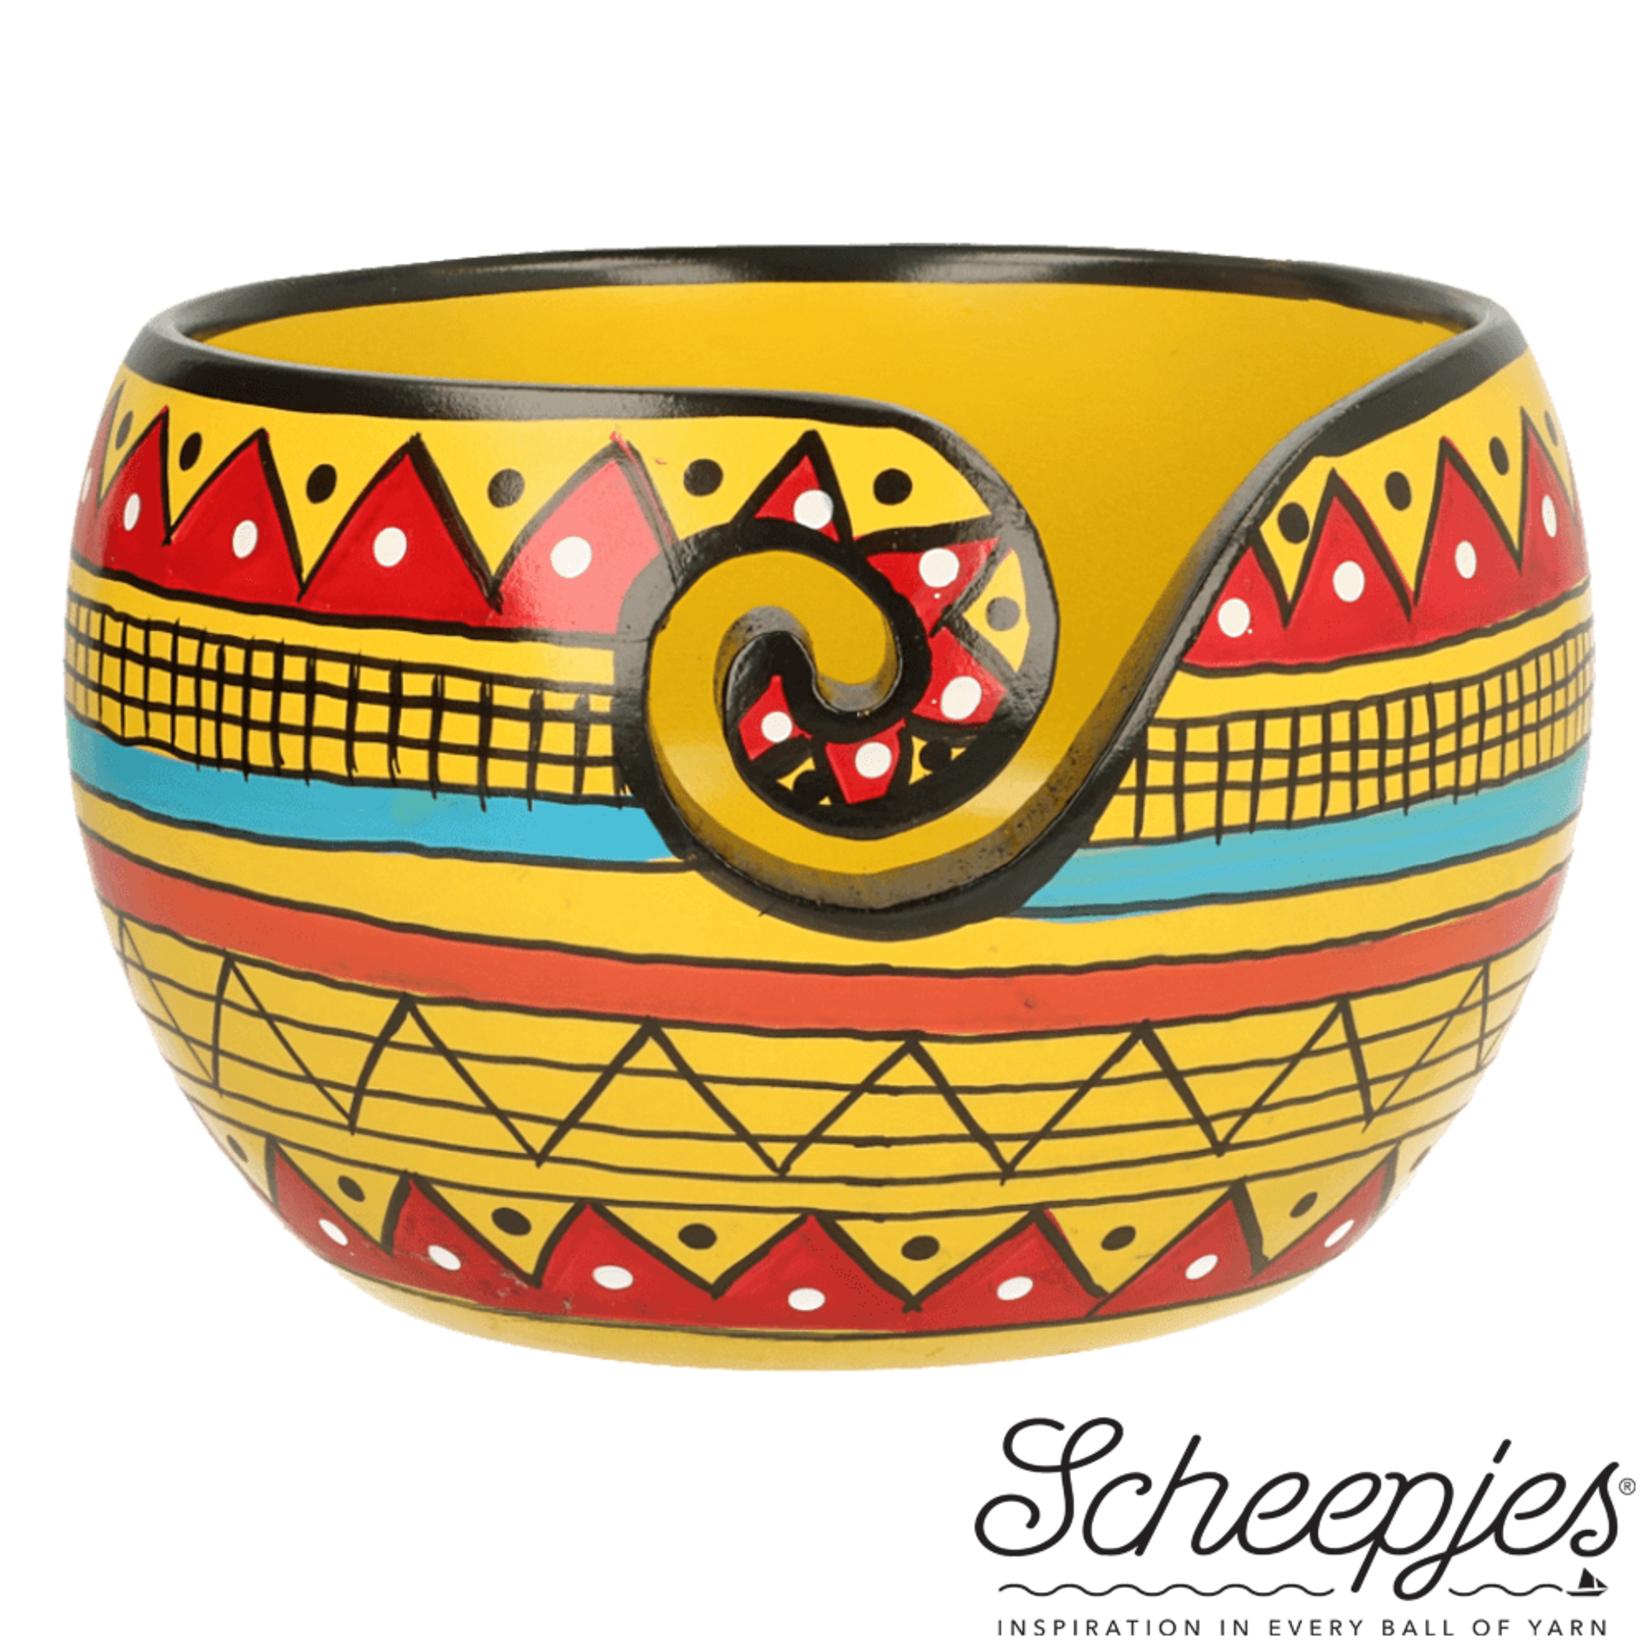 Scheepjes Scheepjes Beschilderde Yarn Bowl  Mango Yellow Stripe